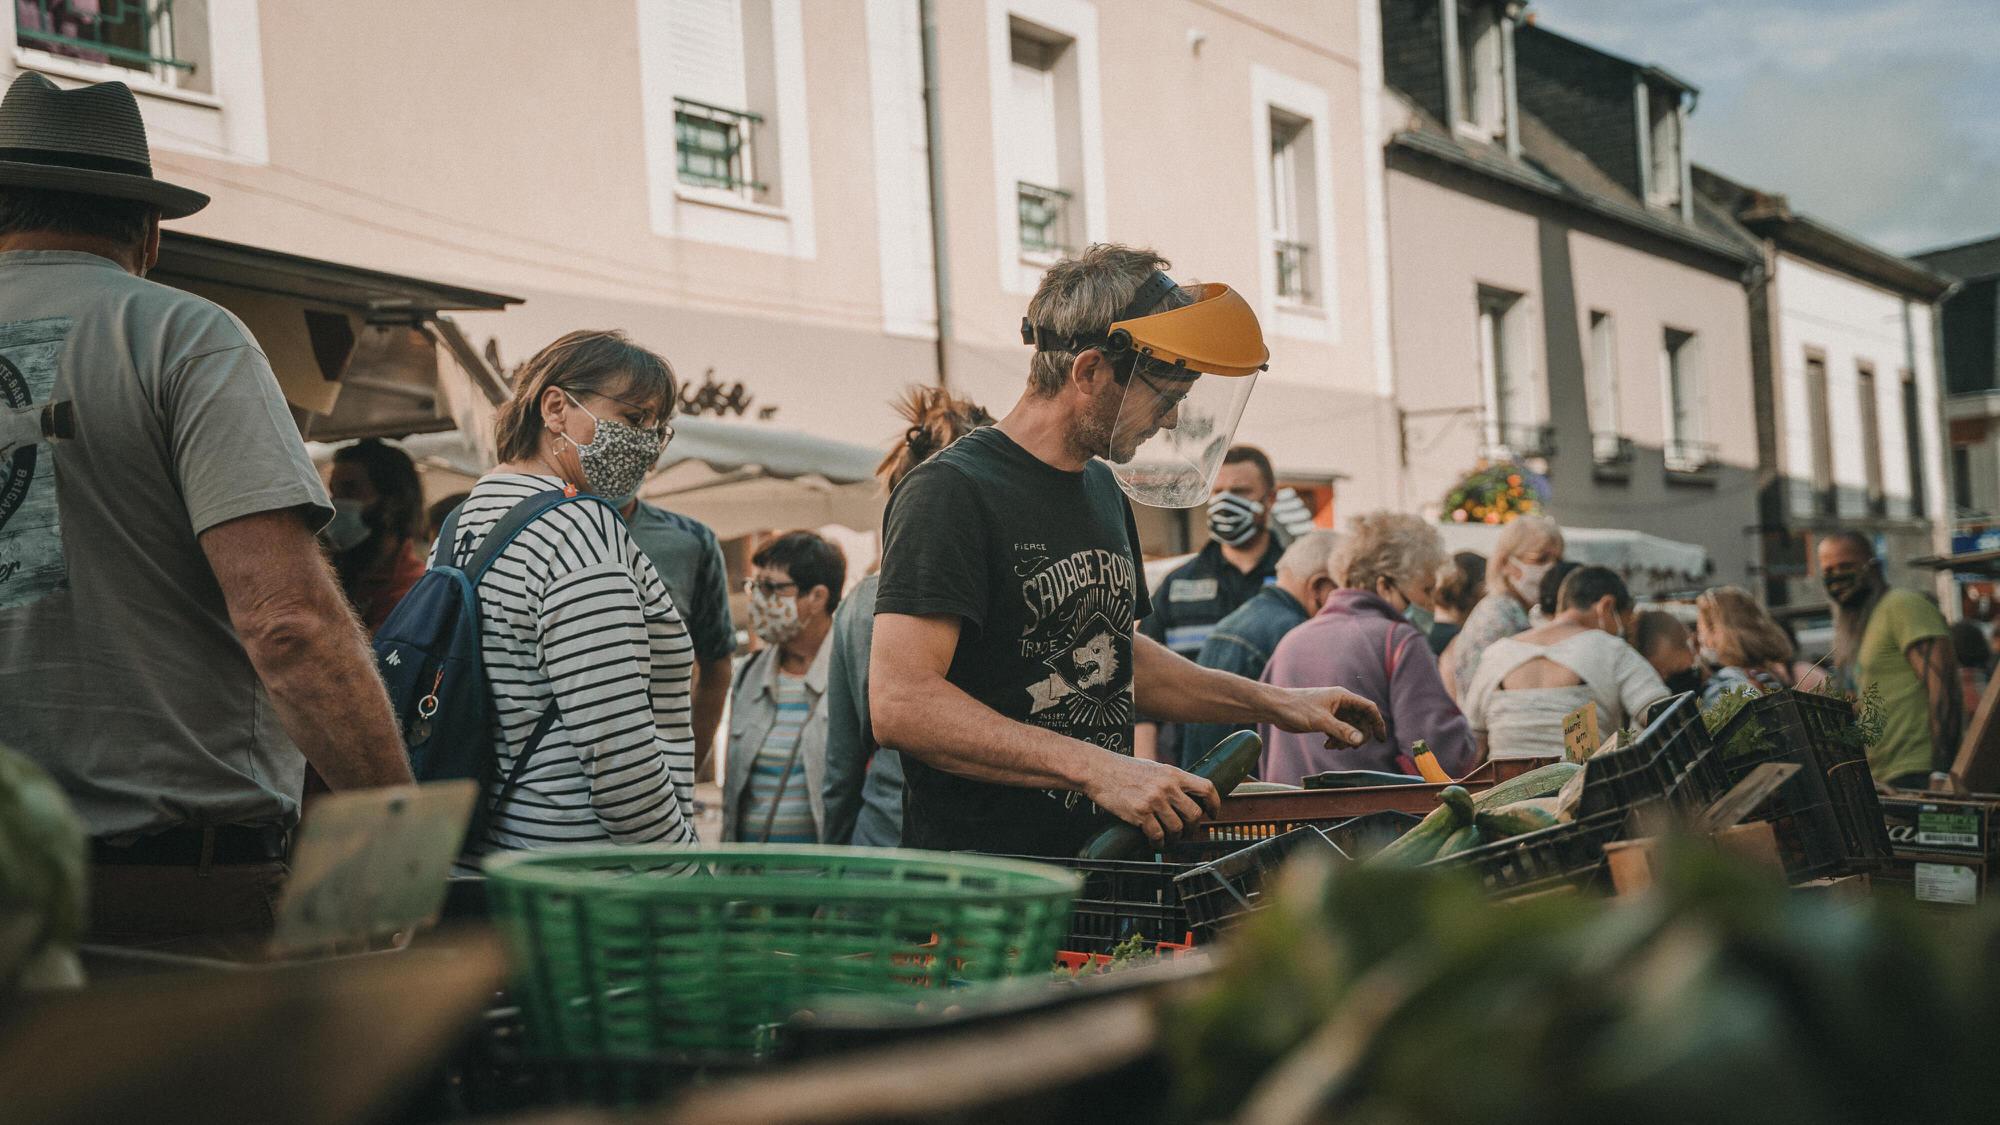 Reportage Photo Brest 20200718 05016 Les Jardins De Kerlomann Www.antoineborzeix.fr , Photographe & Videaste à Brest / Finistère